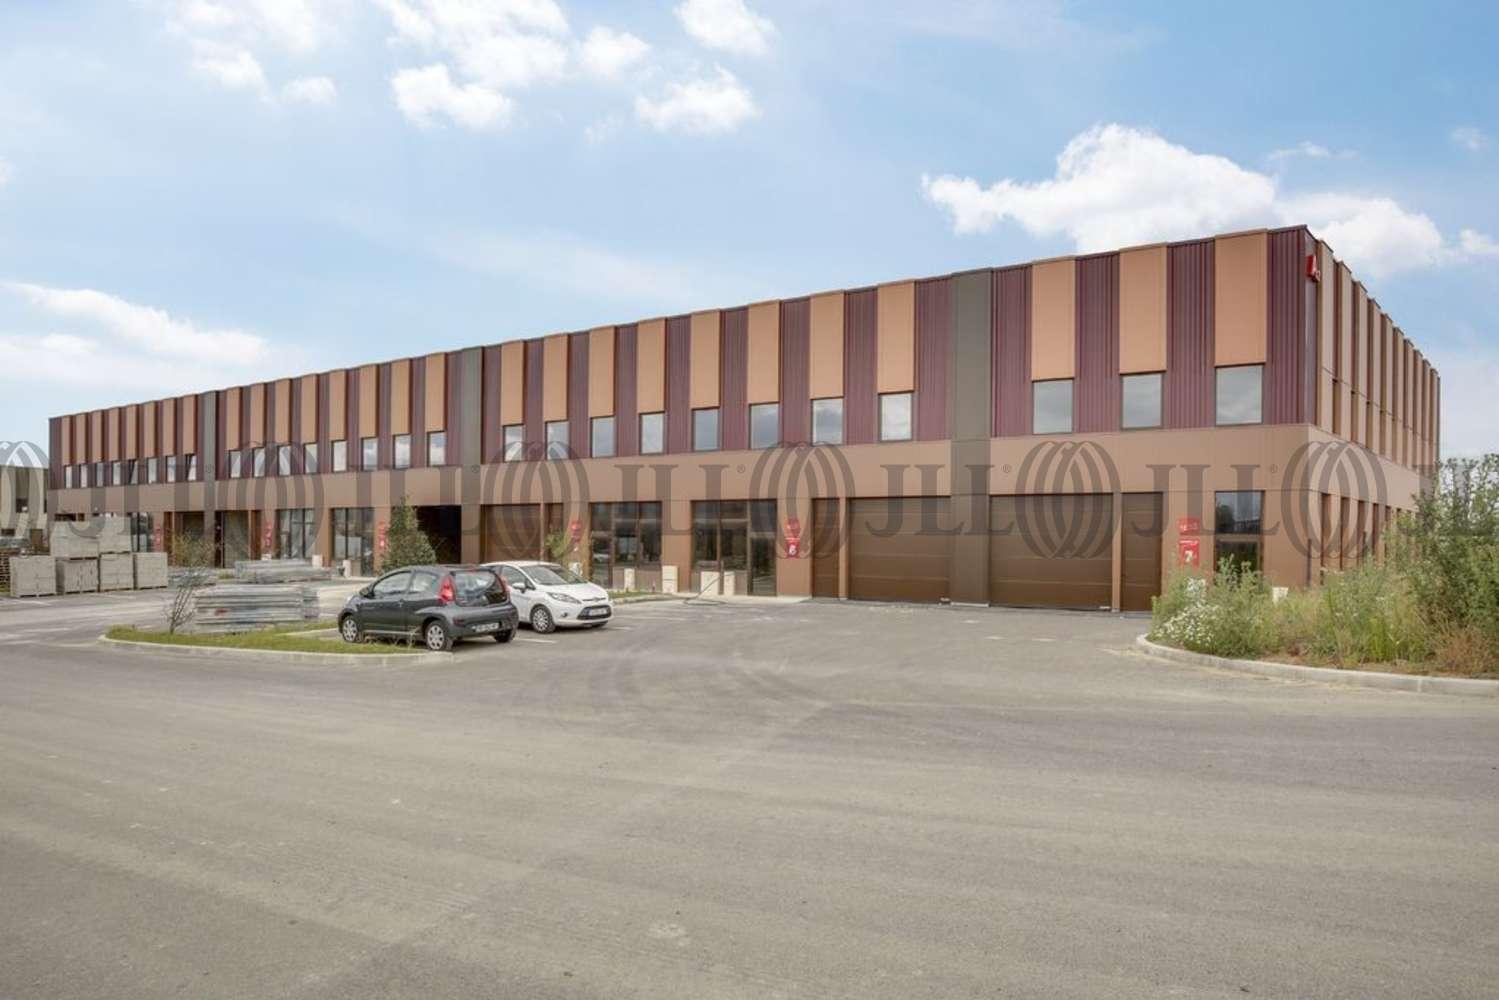 Activités/entrepôt Tremblay en france, 93290 - AEROLIANS BUSINESS CLUSTER - A5